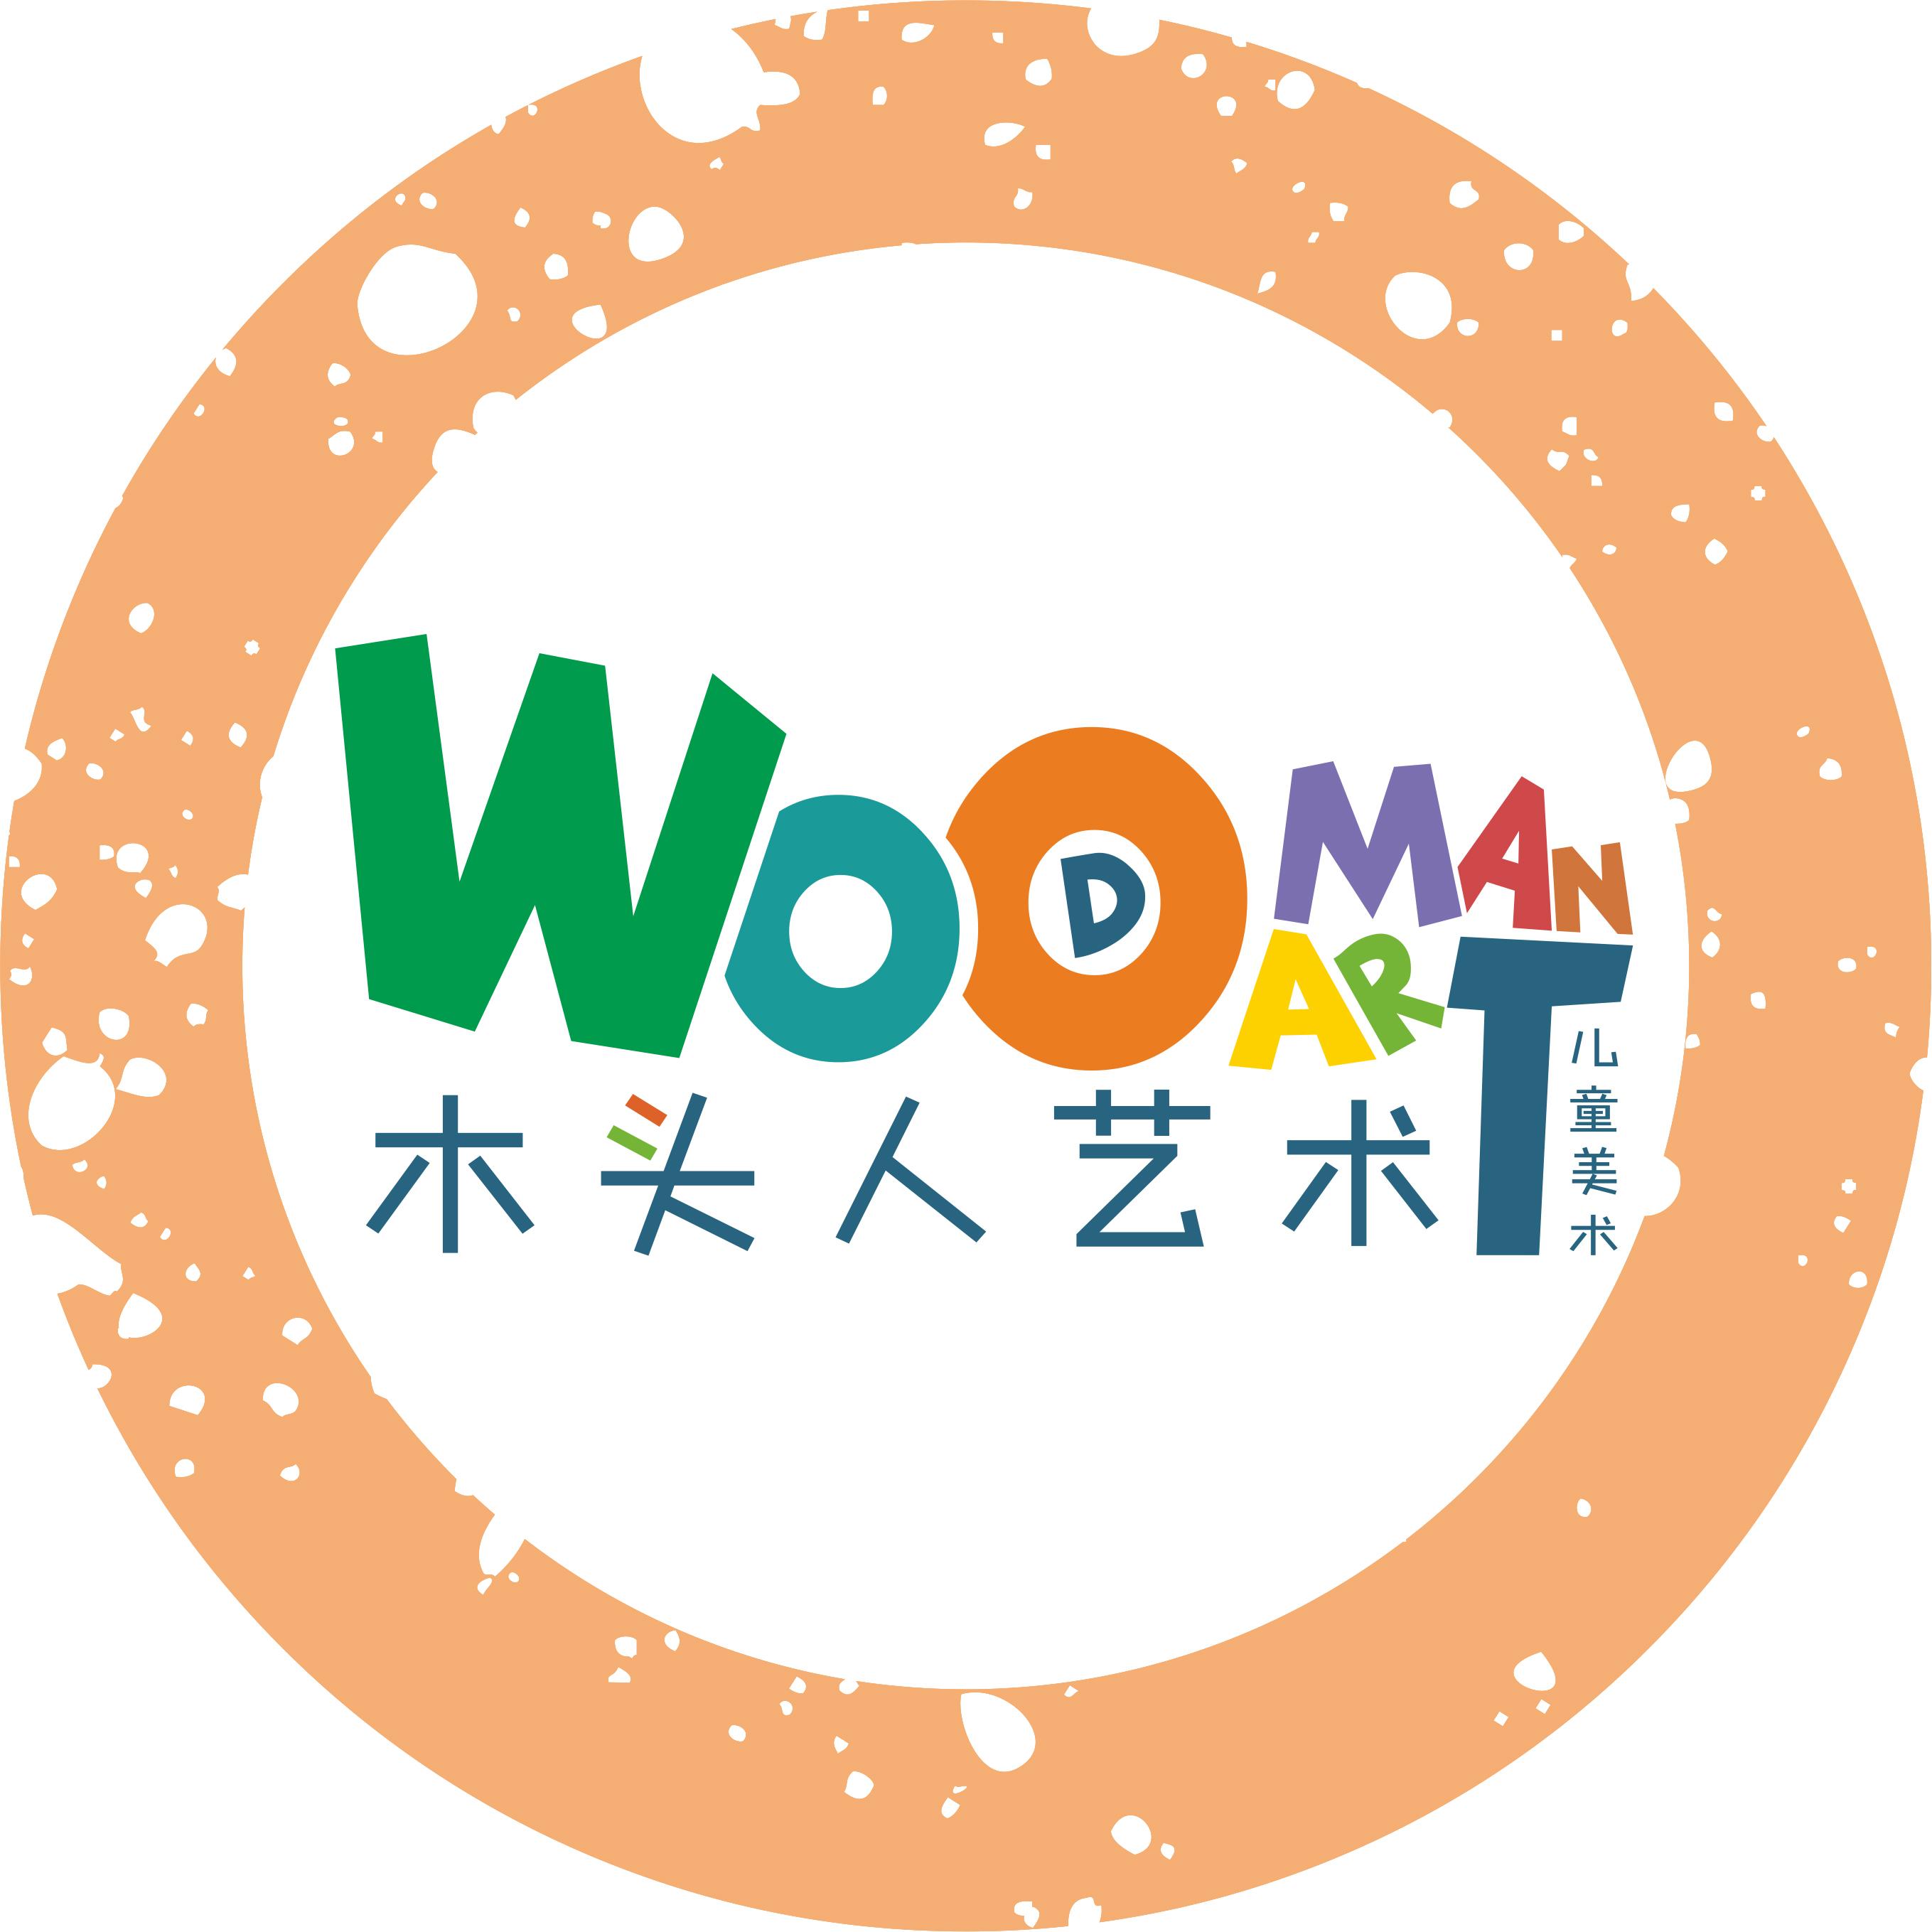 木头人艺术中心是一家专注3-12岁儿童创意美术培训机构.图片